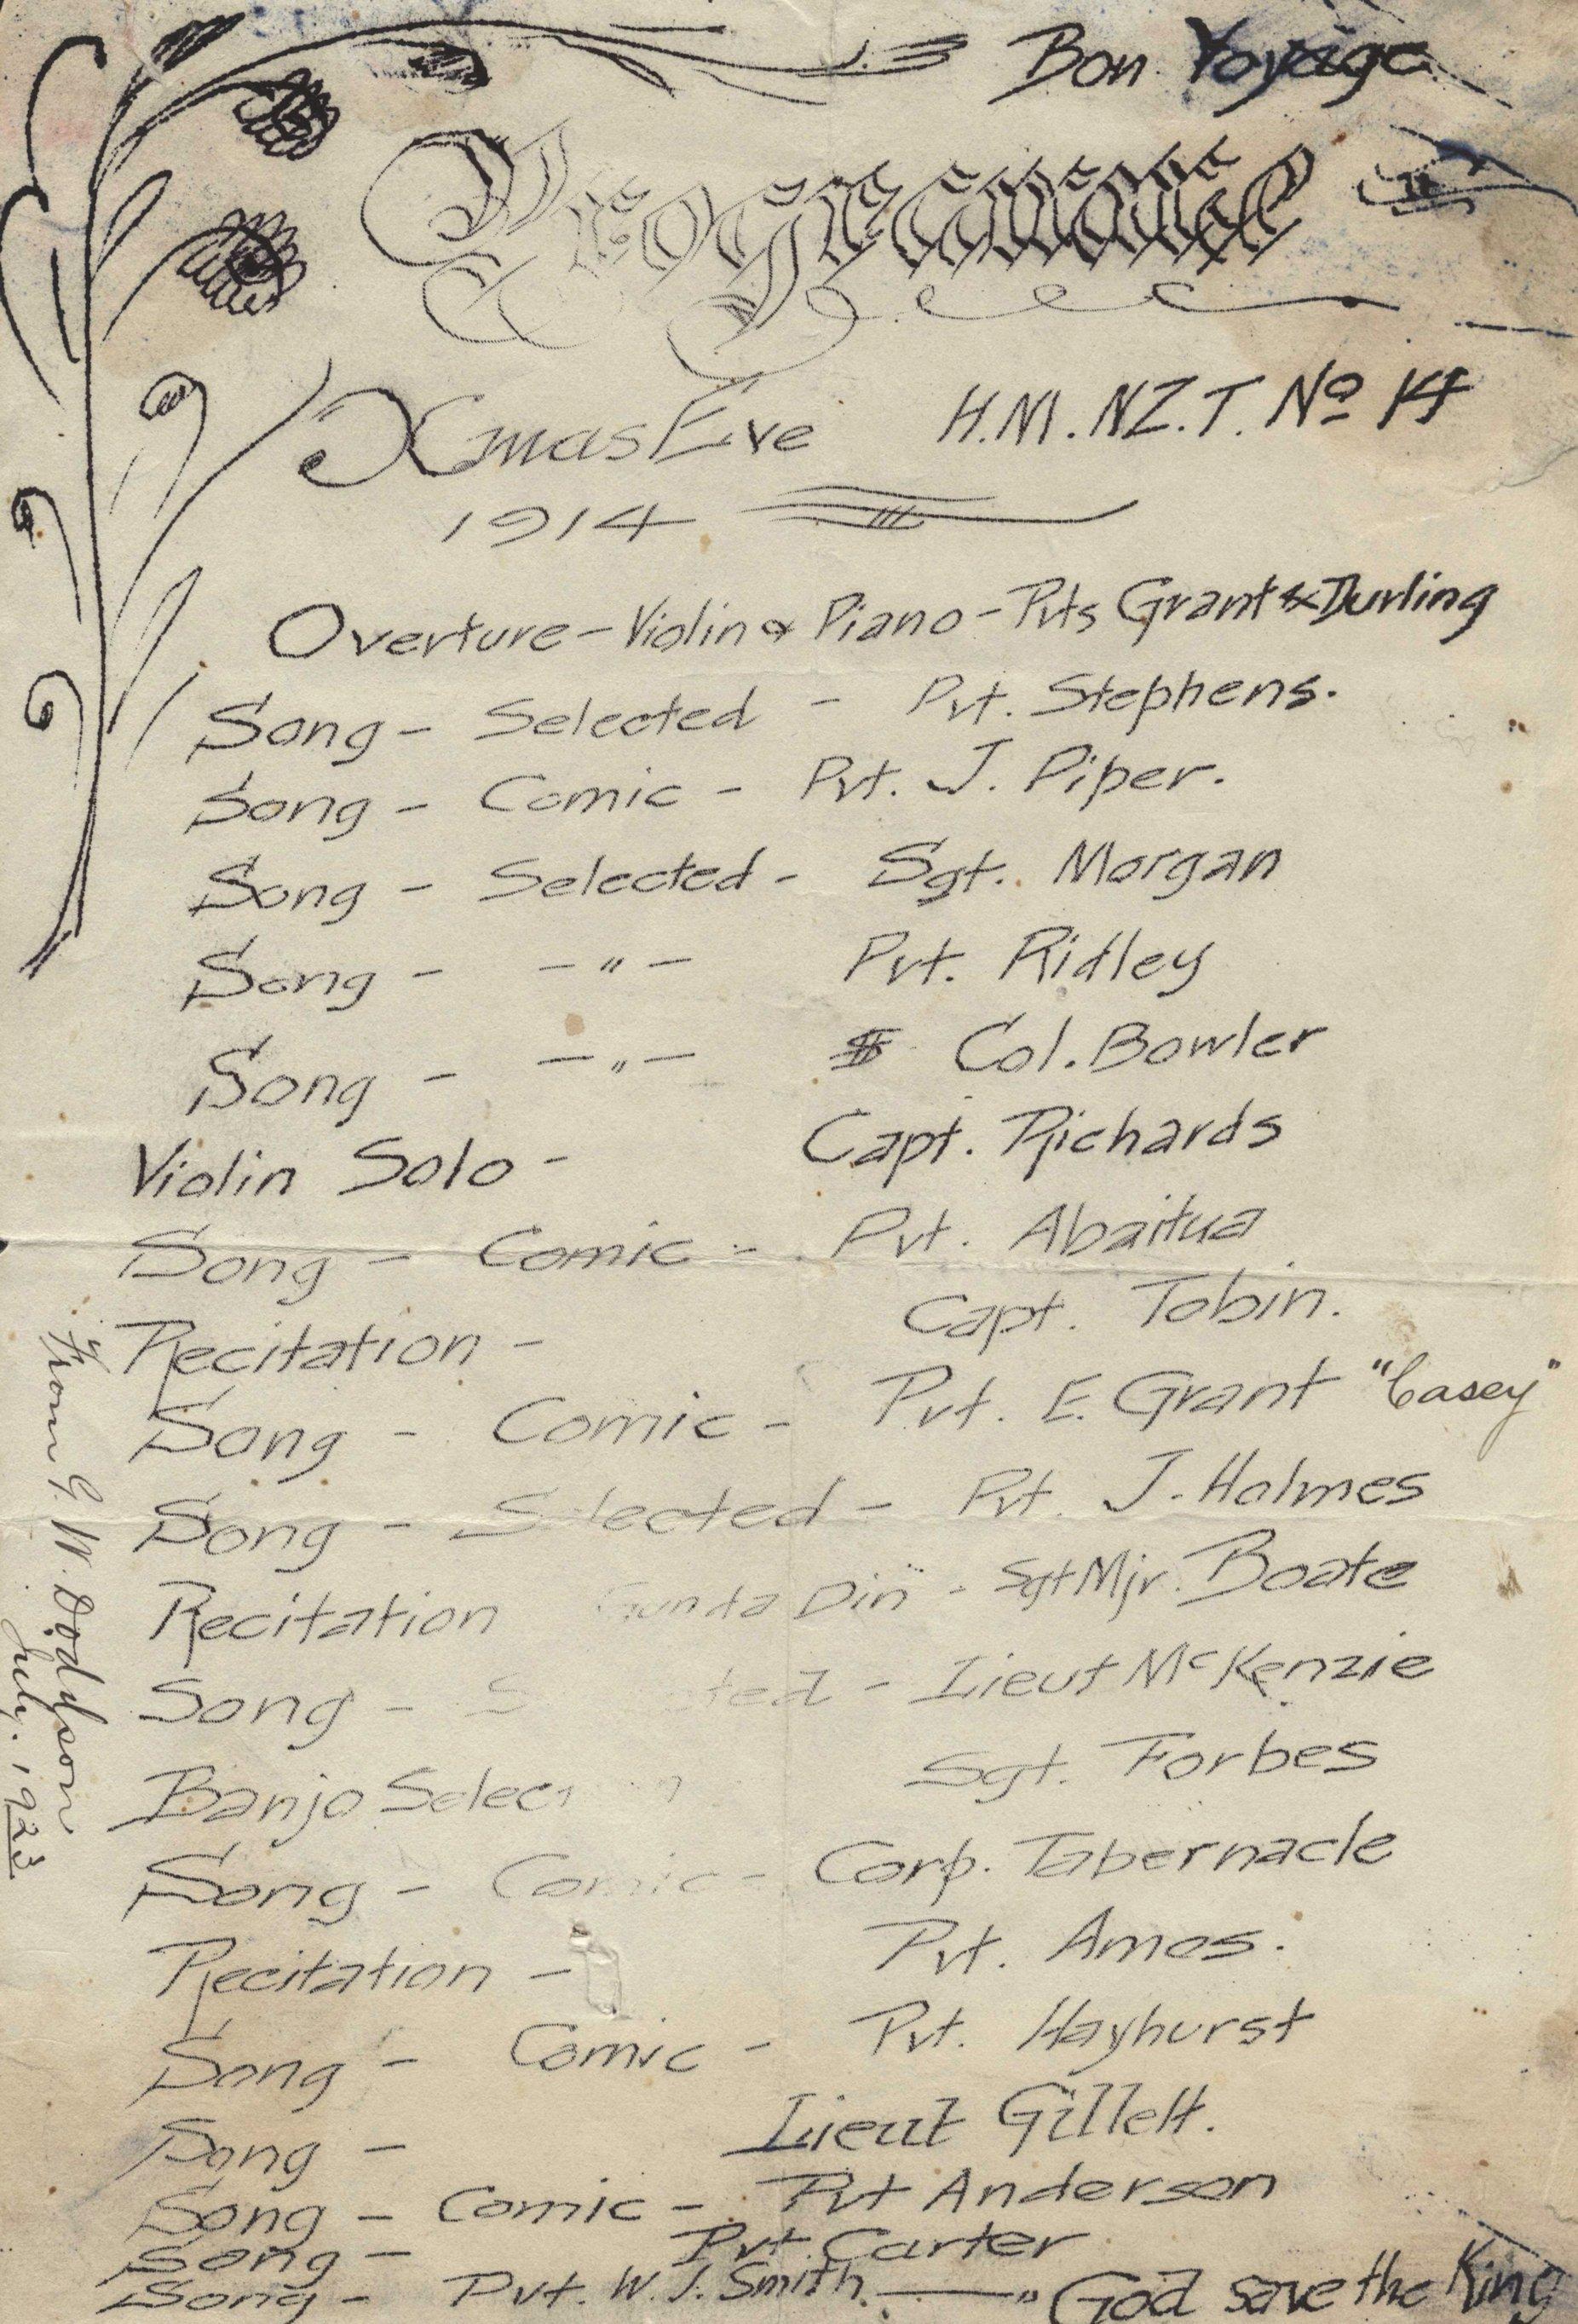 Xmas Eve 1914 programme